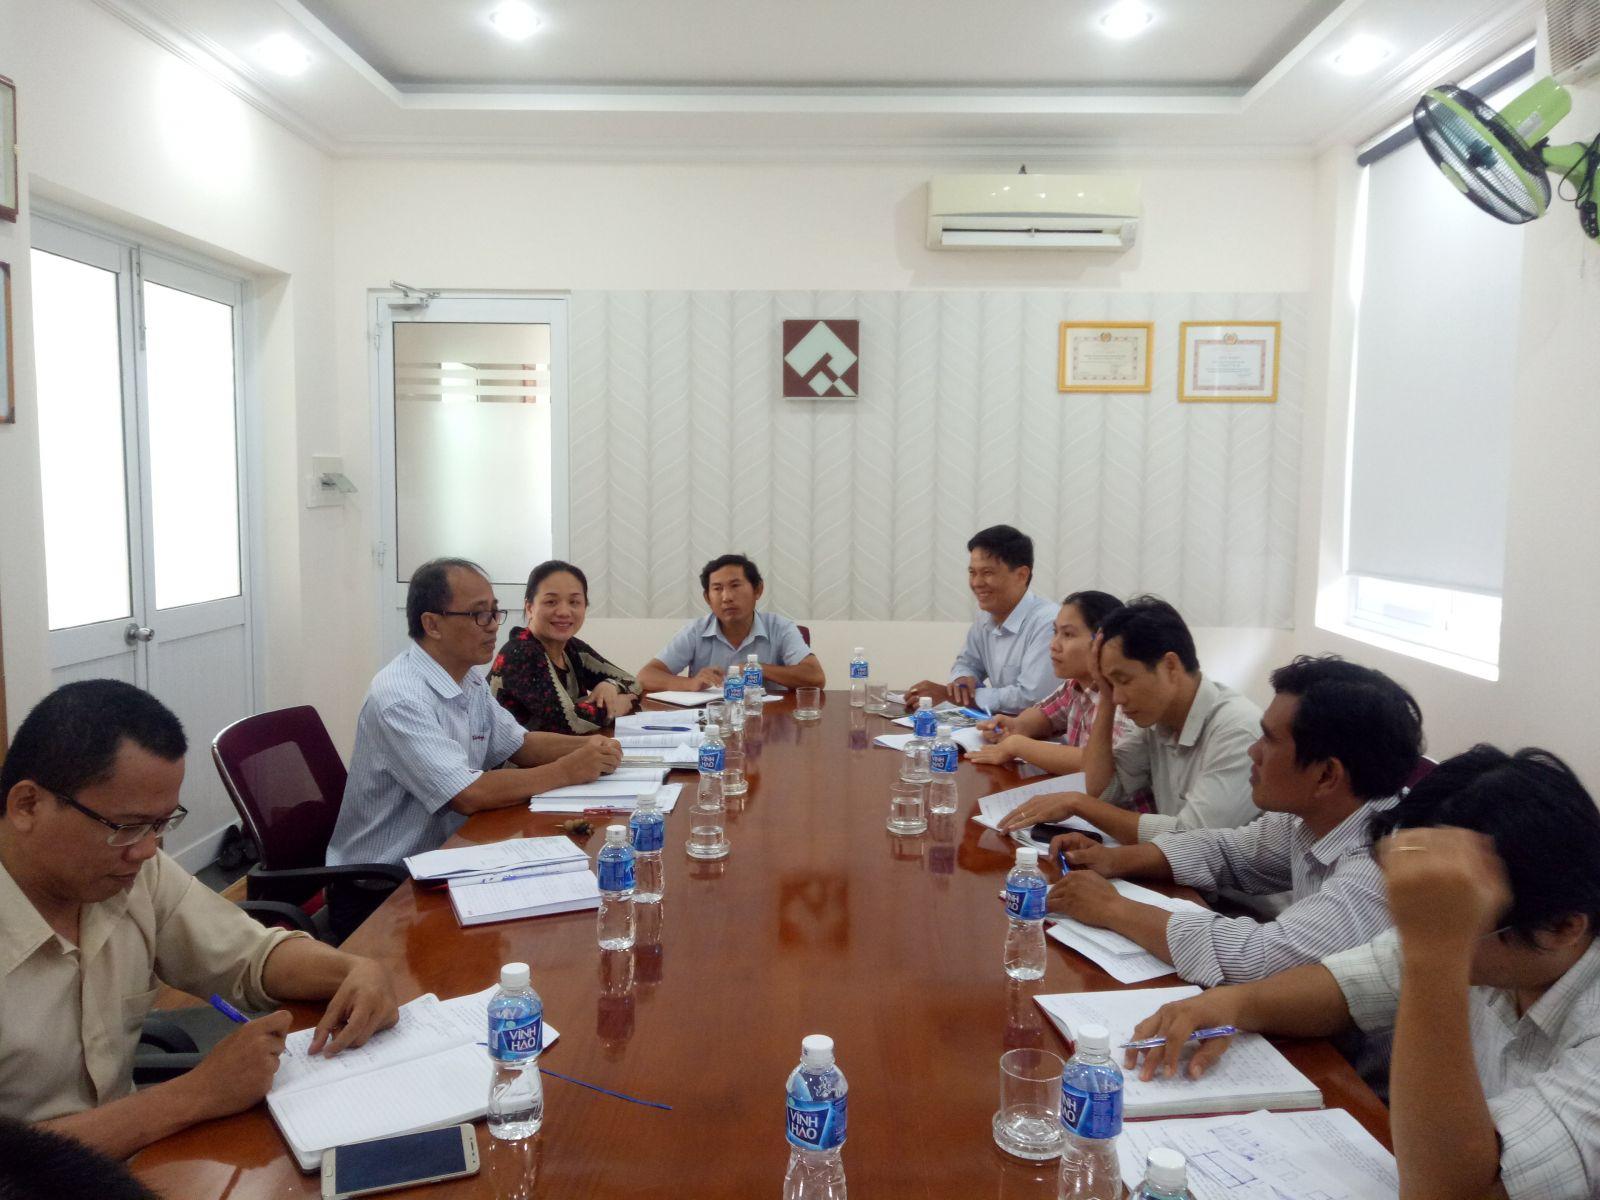 Hình Chi bộ Viện Quy hoạch xây dựng sinh hoạt chi bộ tháng 8/2019